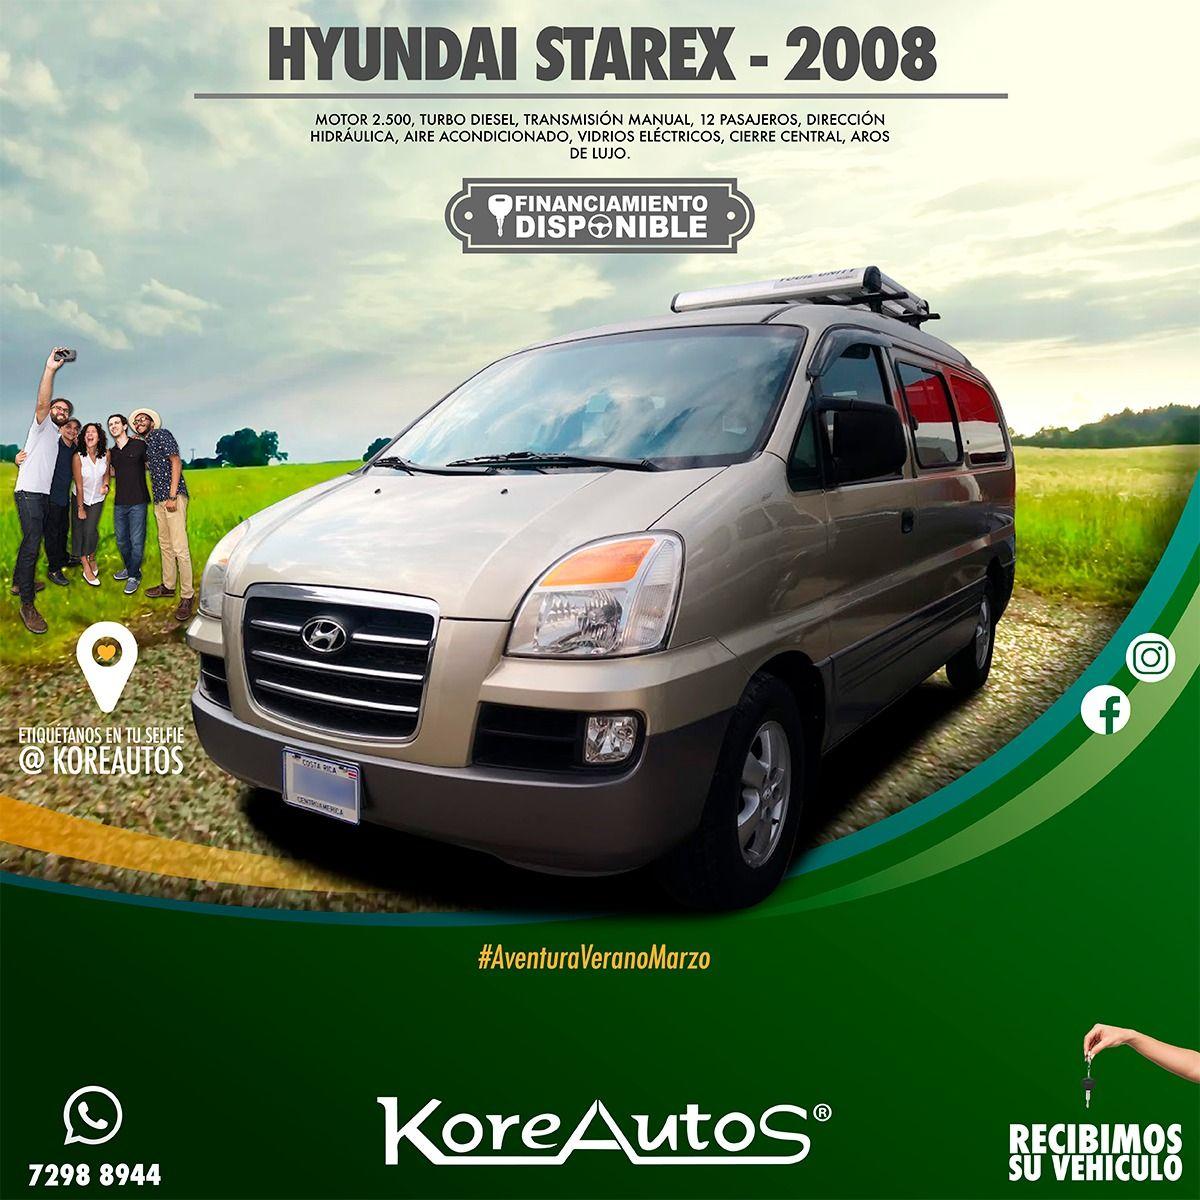 Hyundai (With images) Hyundai, Suv car, Vehicles